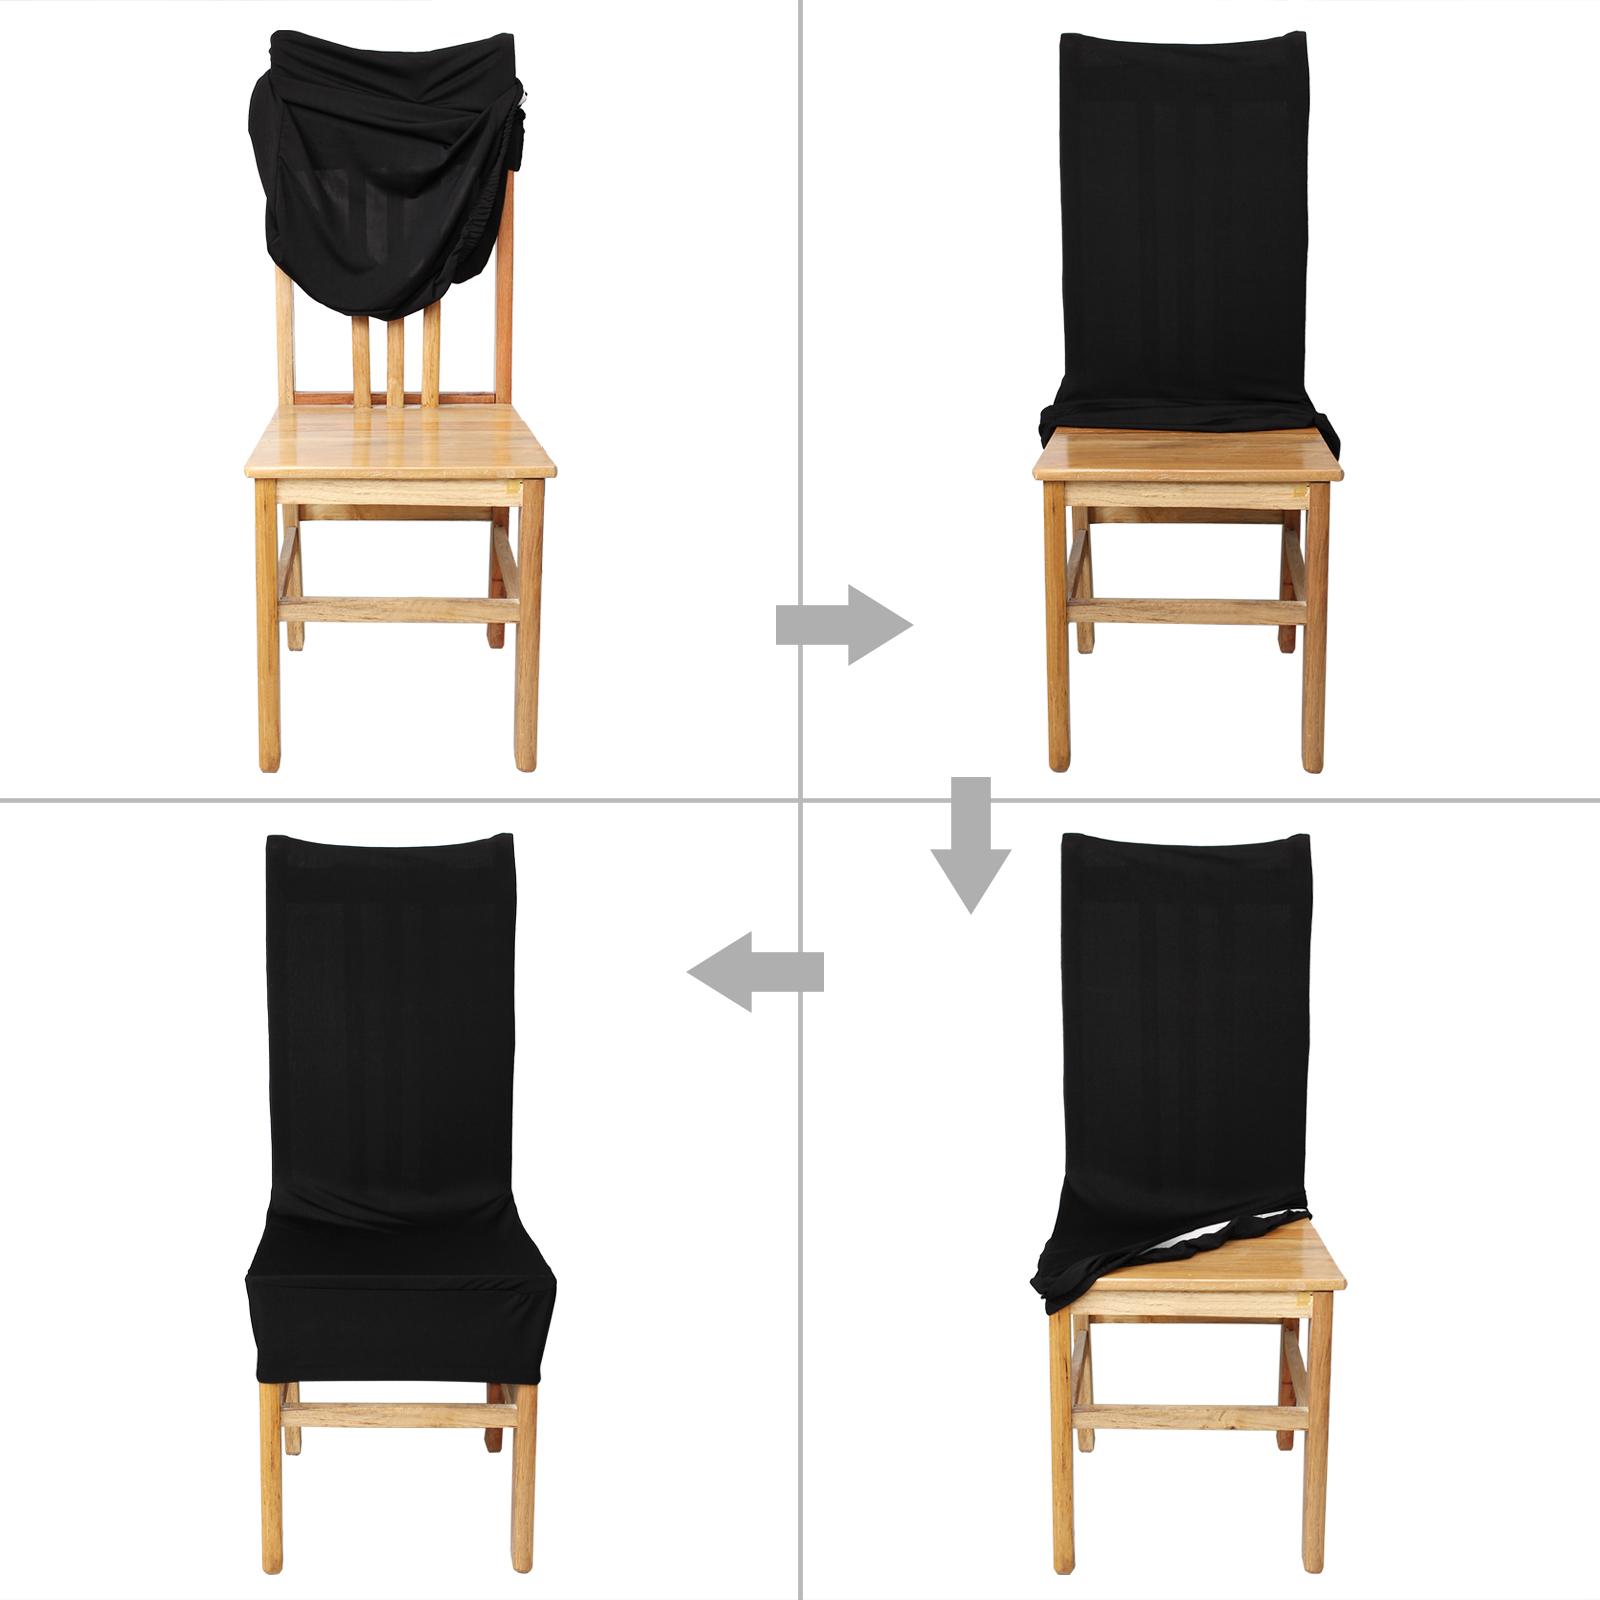 Detalles de Fundas para sillas Pack de 6 Elástico Fundas sillas Comedor  Extraíble Cubiertas